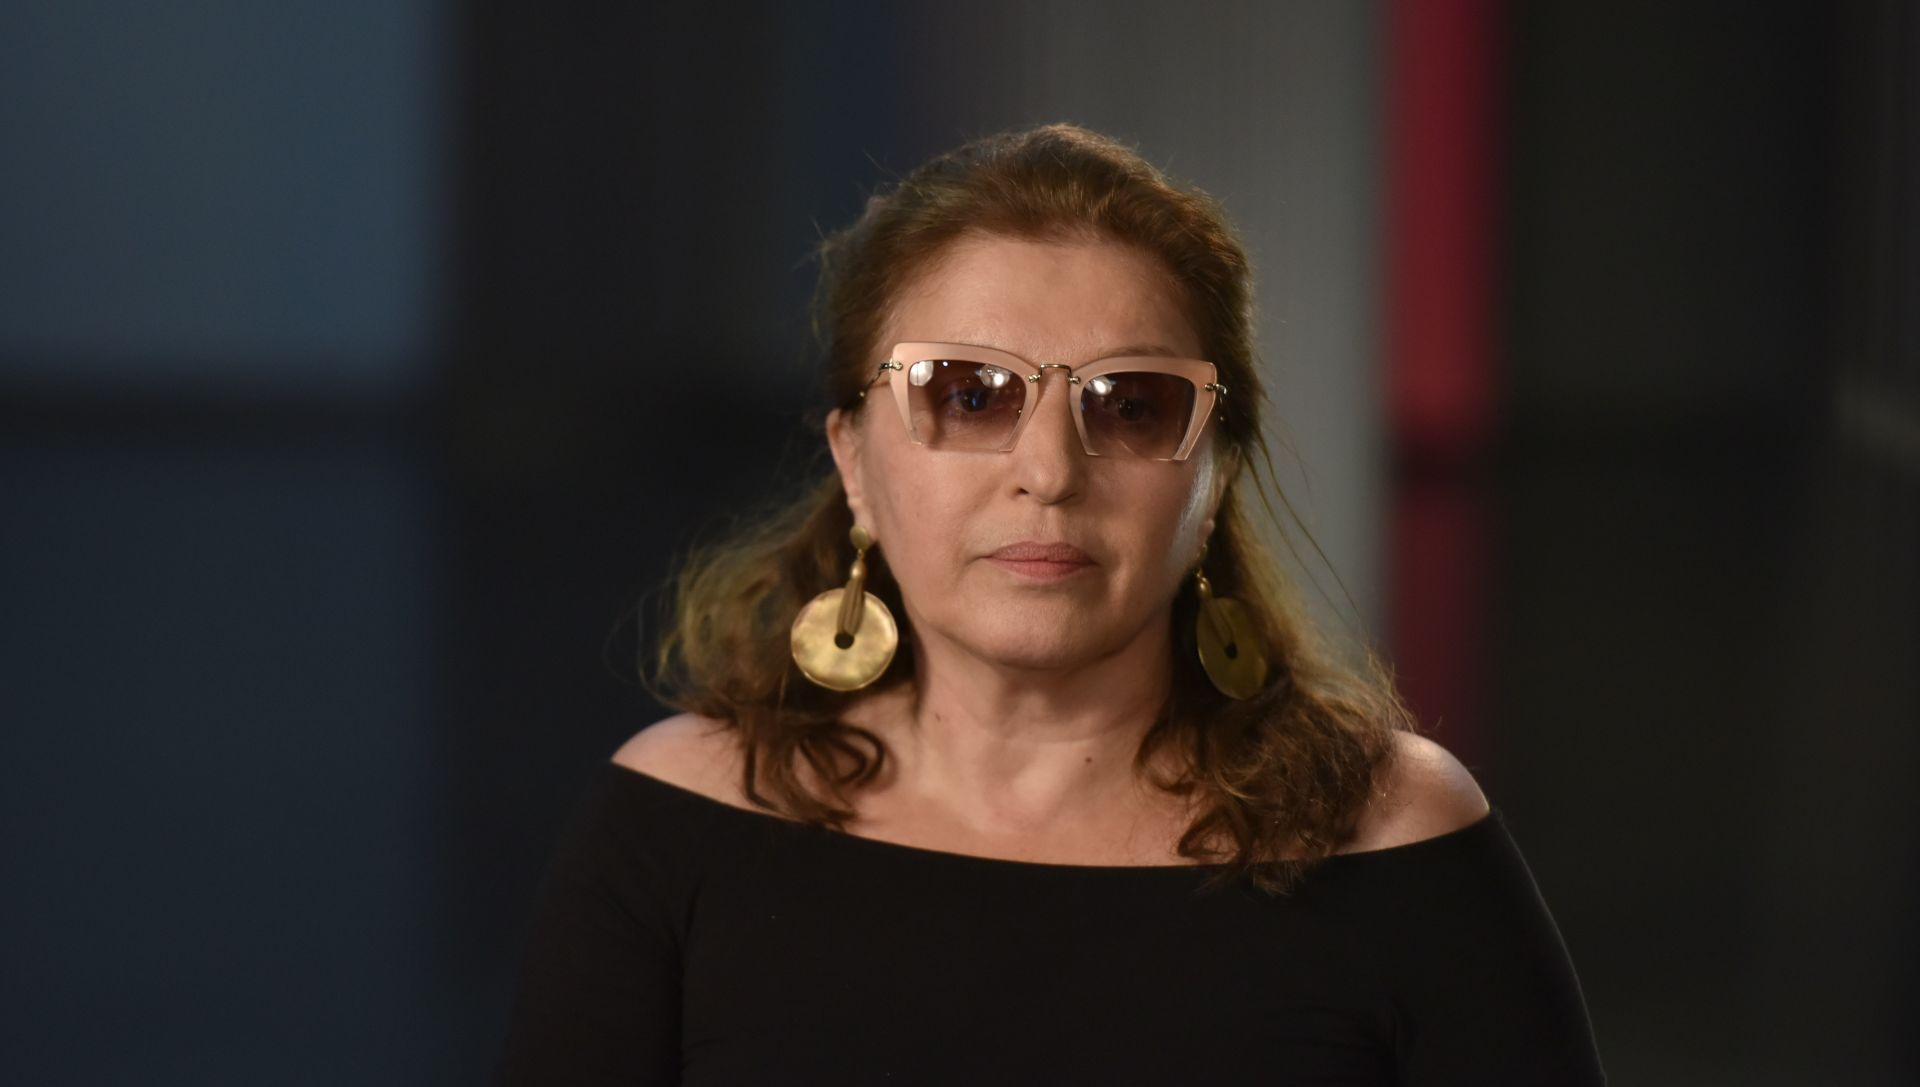 31. Gavelline večeri – Mirjana Karanović: Role-play dekonstrukcija u predstavi o svima nama